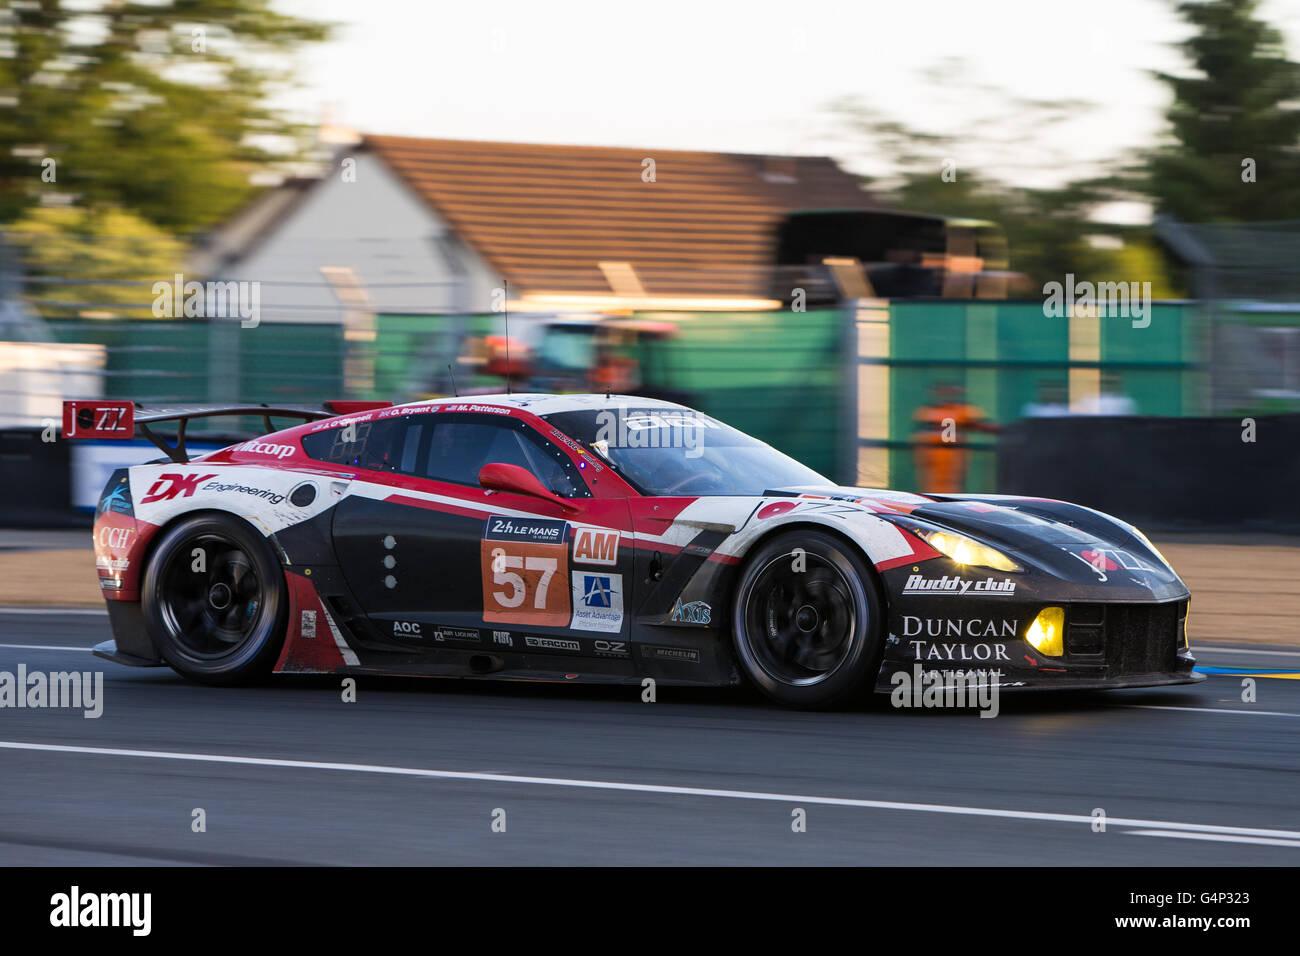 Le Mans Circuit, Le Mans, France. 18th June, 2016. Le Mans 24 Hours Race as the sun sets. Team AAI Chevrolet Corvette - Stock Image